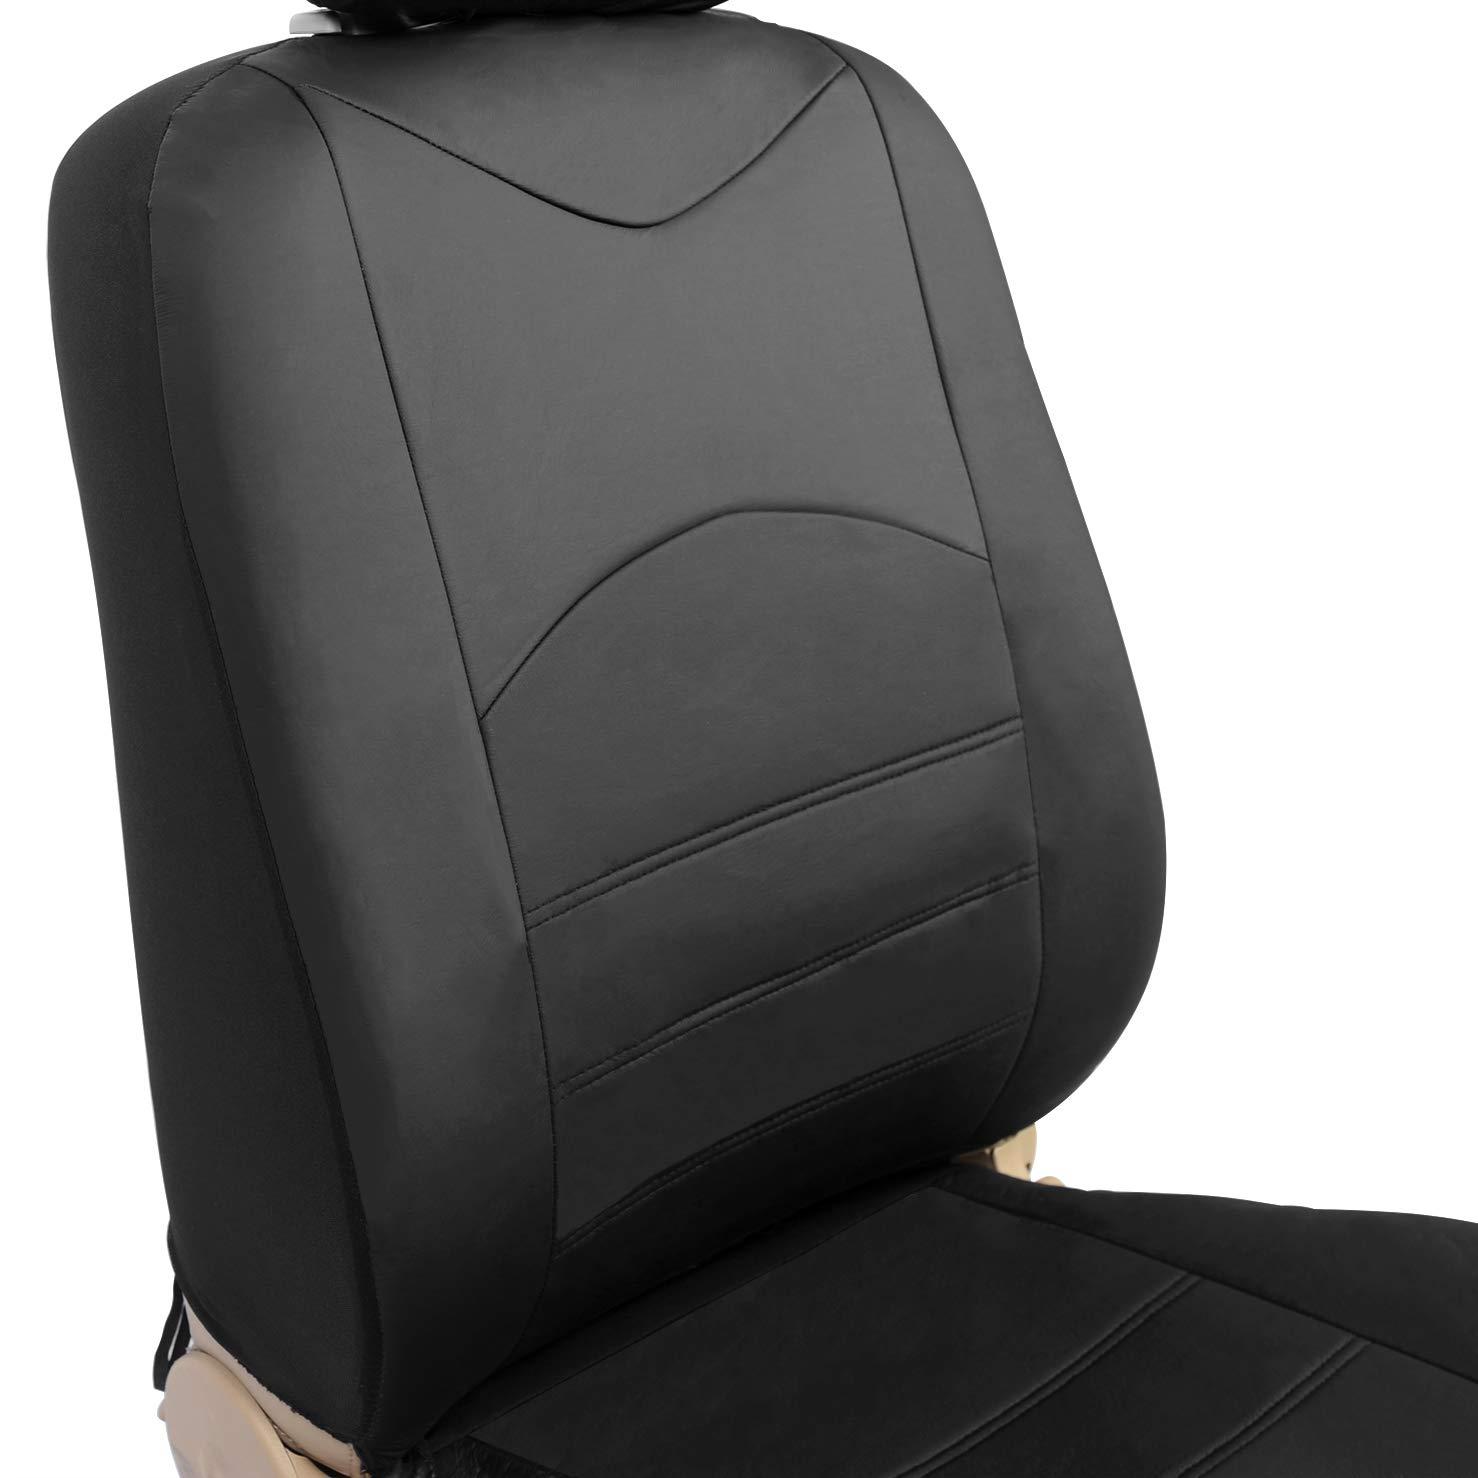 2er WOLTU AS7235gr-2 Einzelbezug vordere Sitzbezug f/ür Autositz ohne Seitenairbag